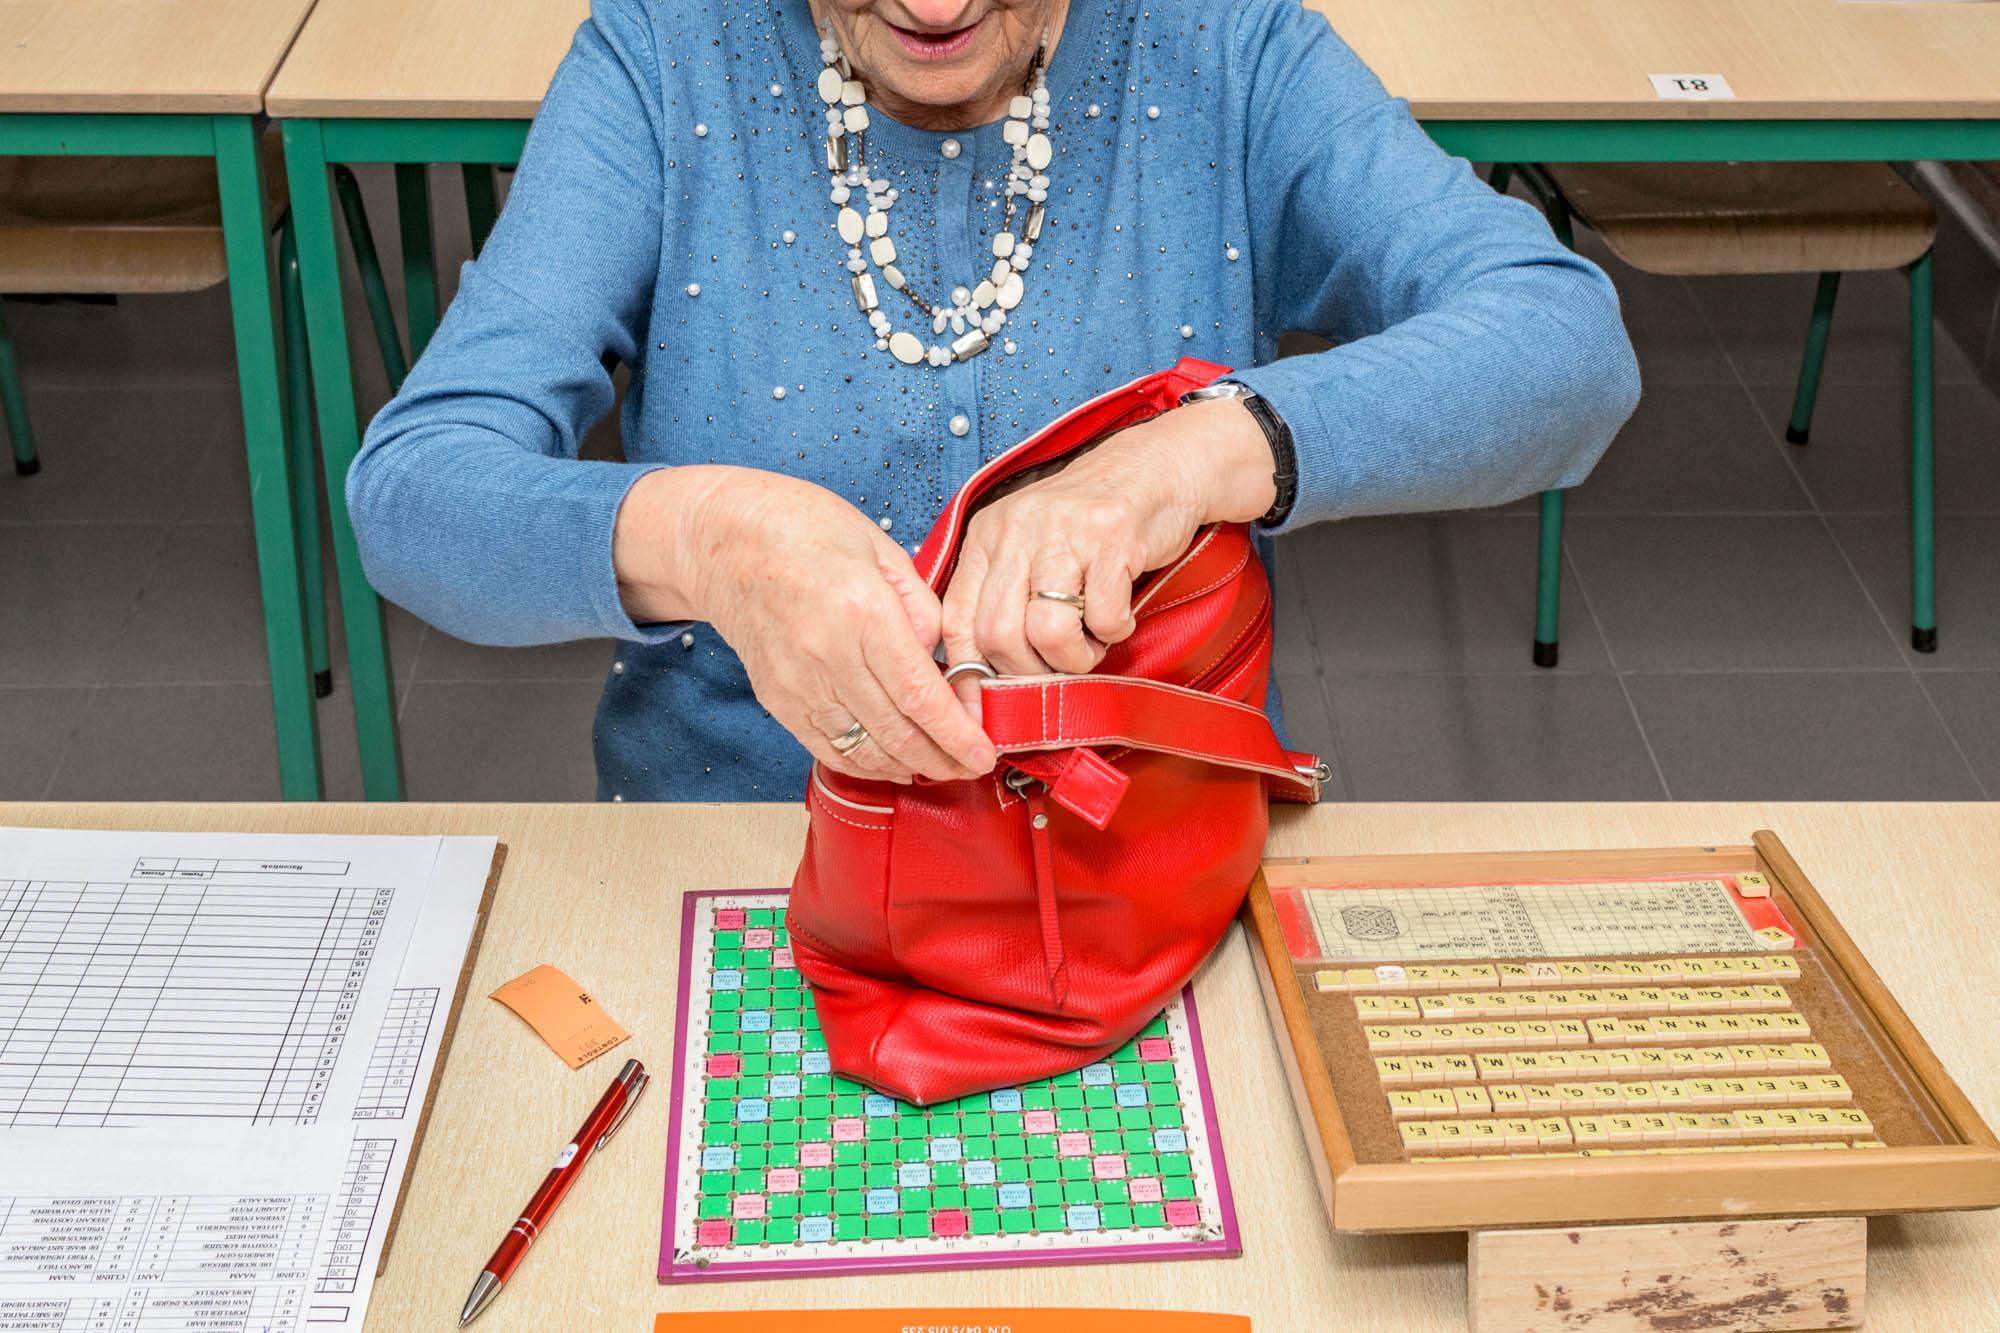 Scrabble NTSV Heureka | sas schilten fotografie